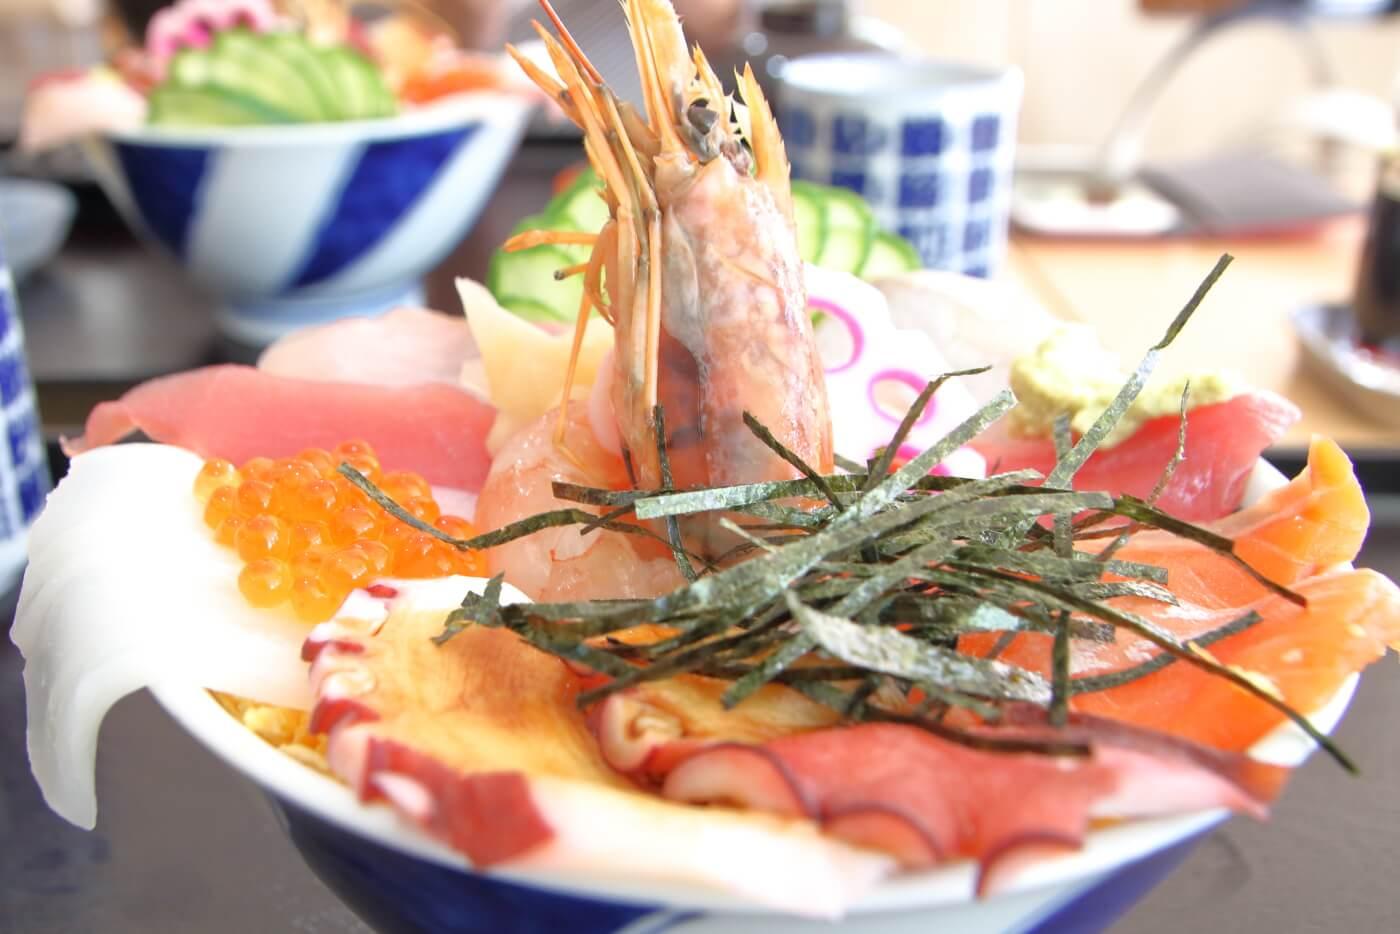 はるのの湯の食事処 土佐の旬 寿し春 特選海鮮ちらし丼